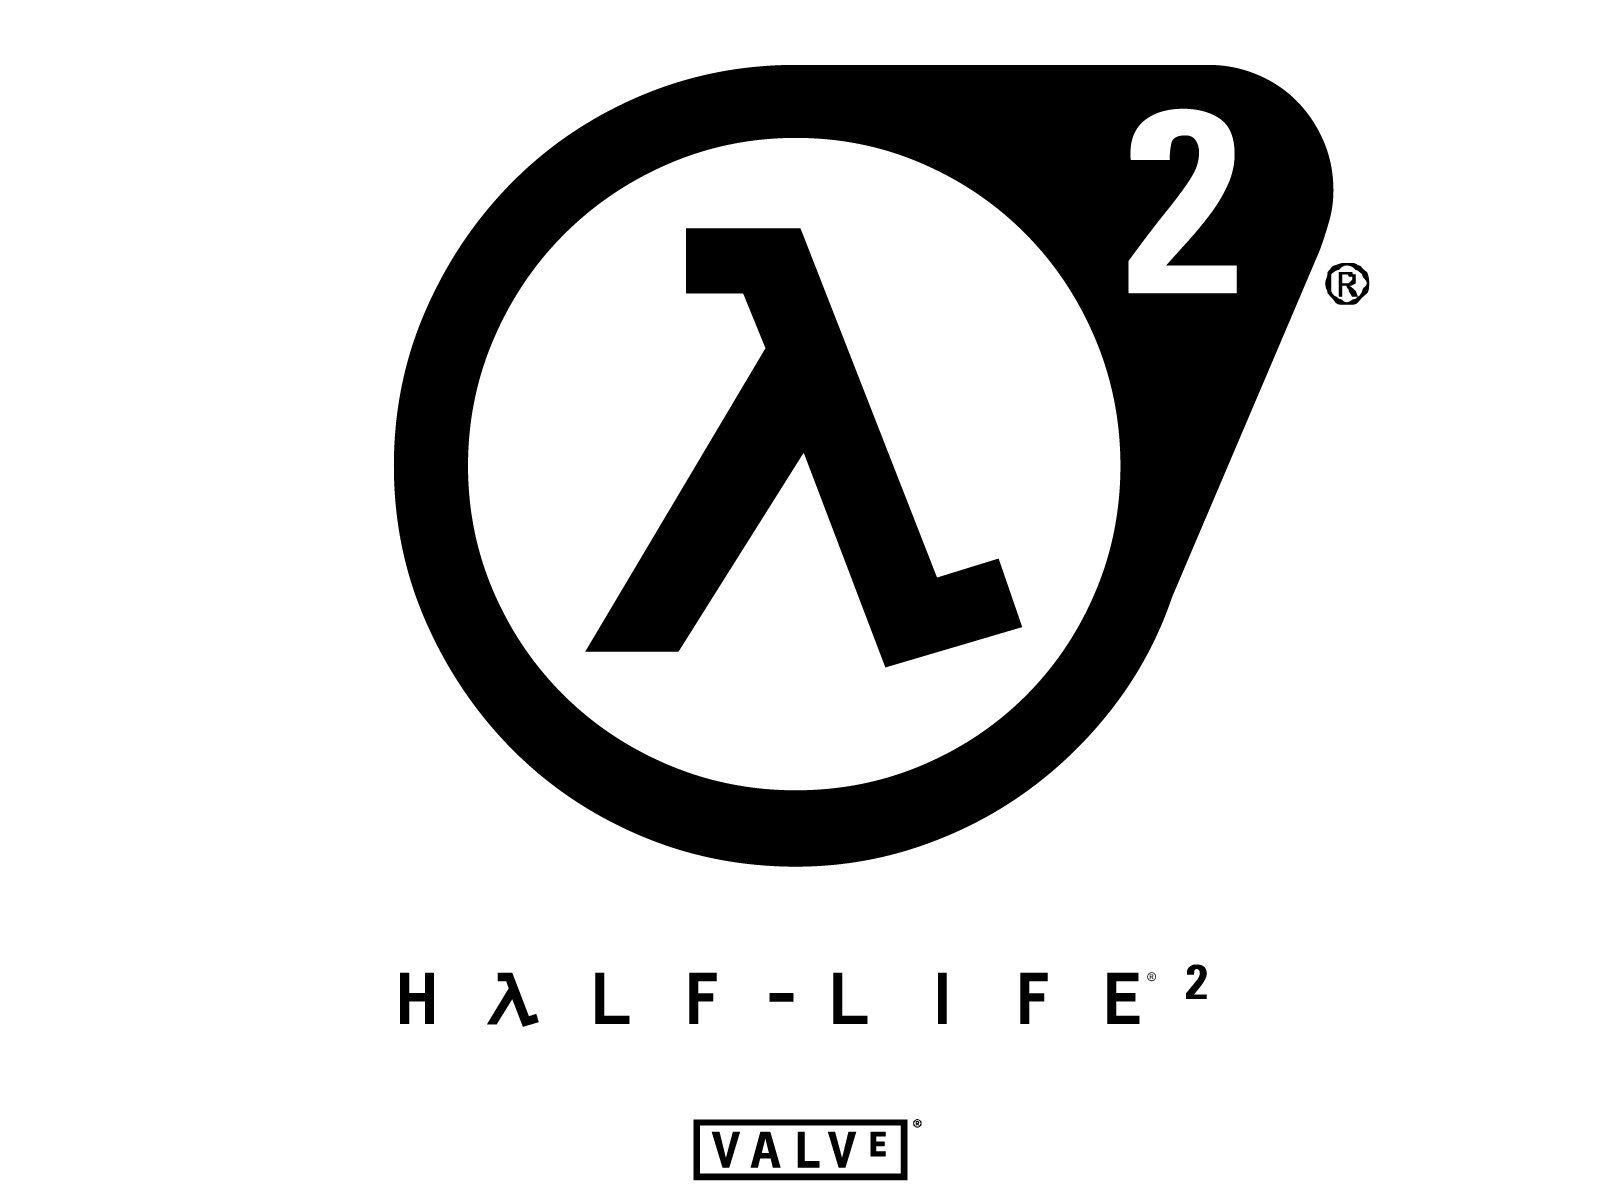 Half-Life 2 исполнилось 10 лет. - Изображение 1